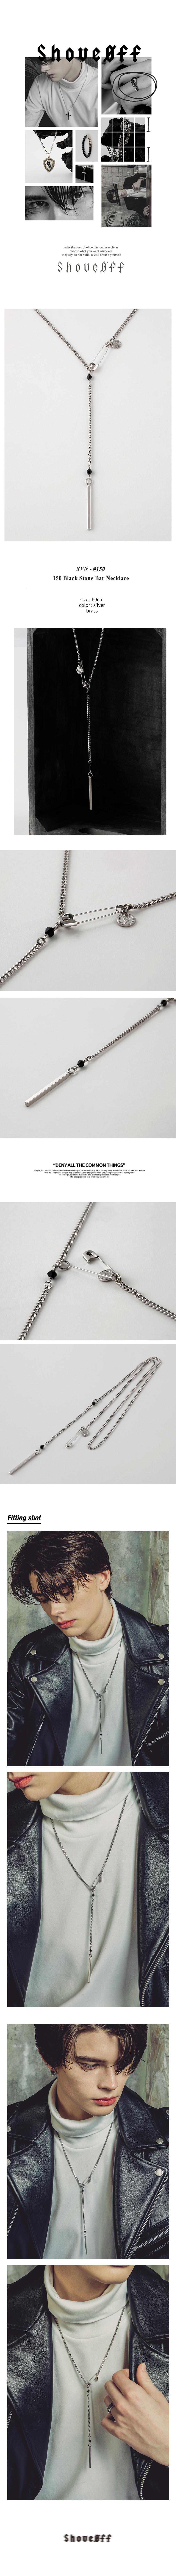 쇼브오프(SHOVEOFF) SVN-#150 블랙스톤바 목걸이